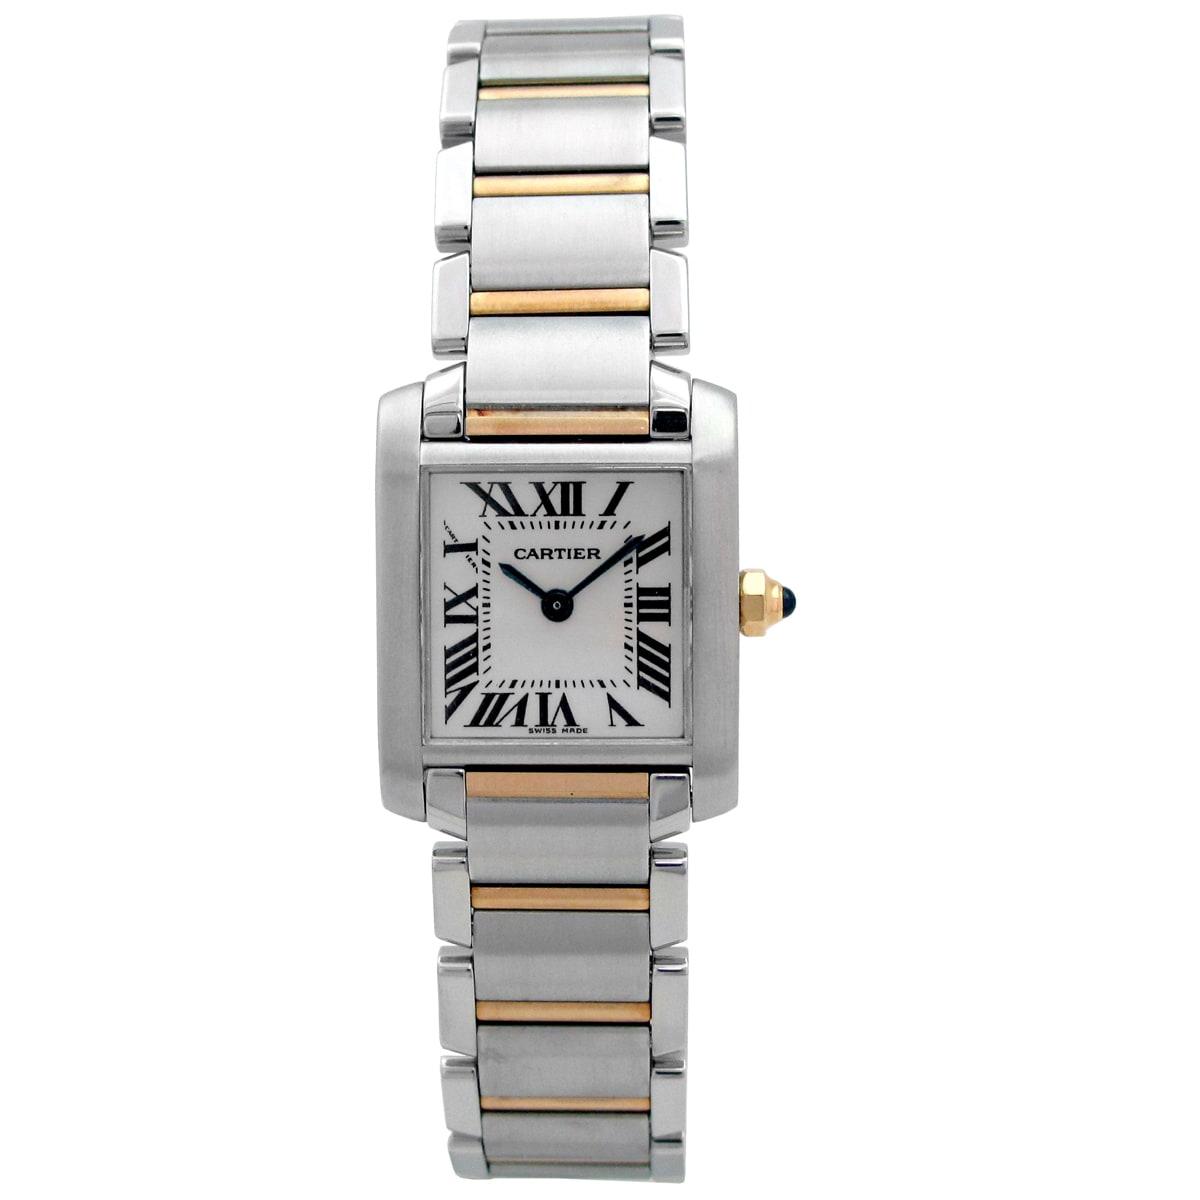 Cartier Women's Tank Francaise Watch